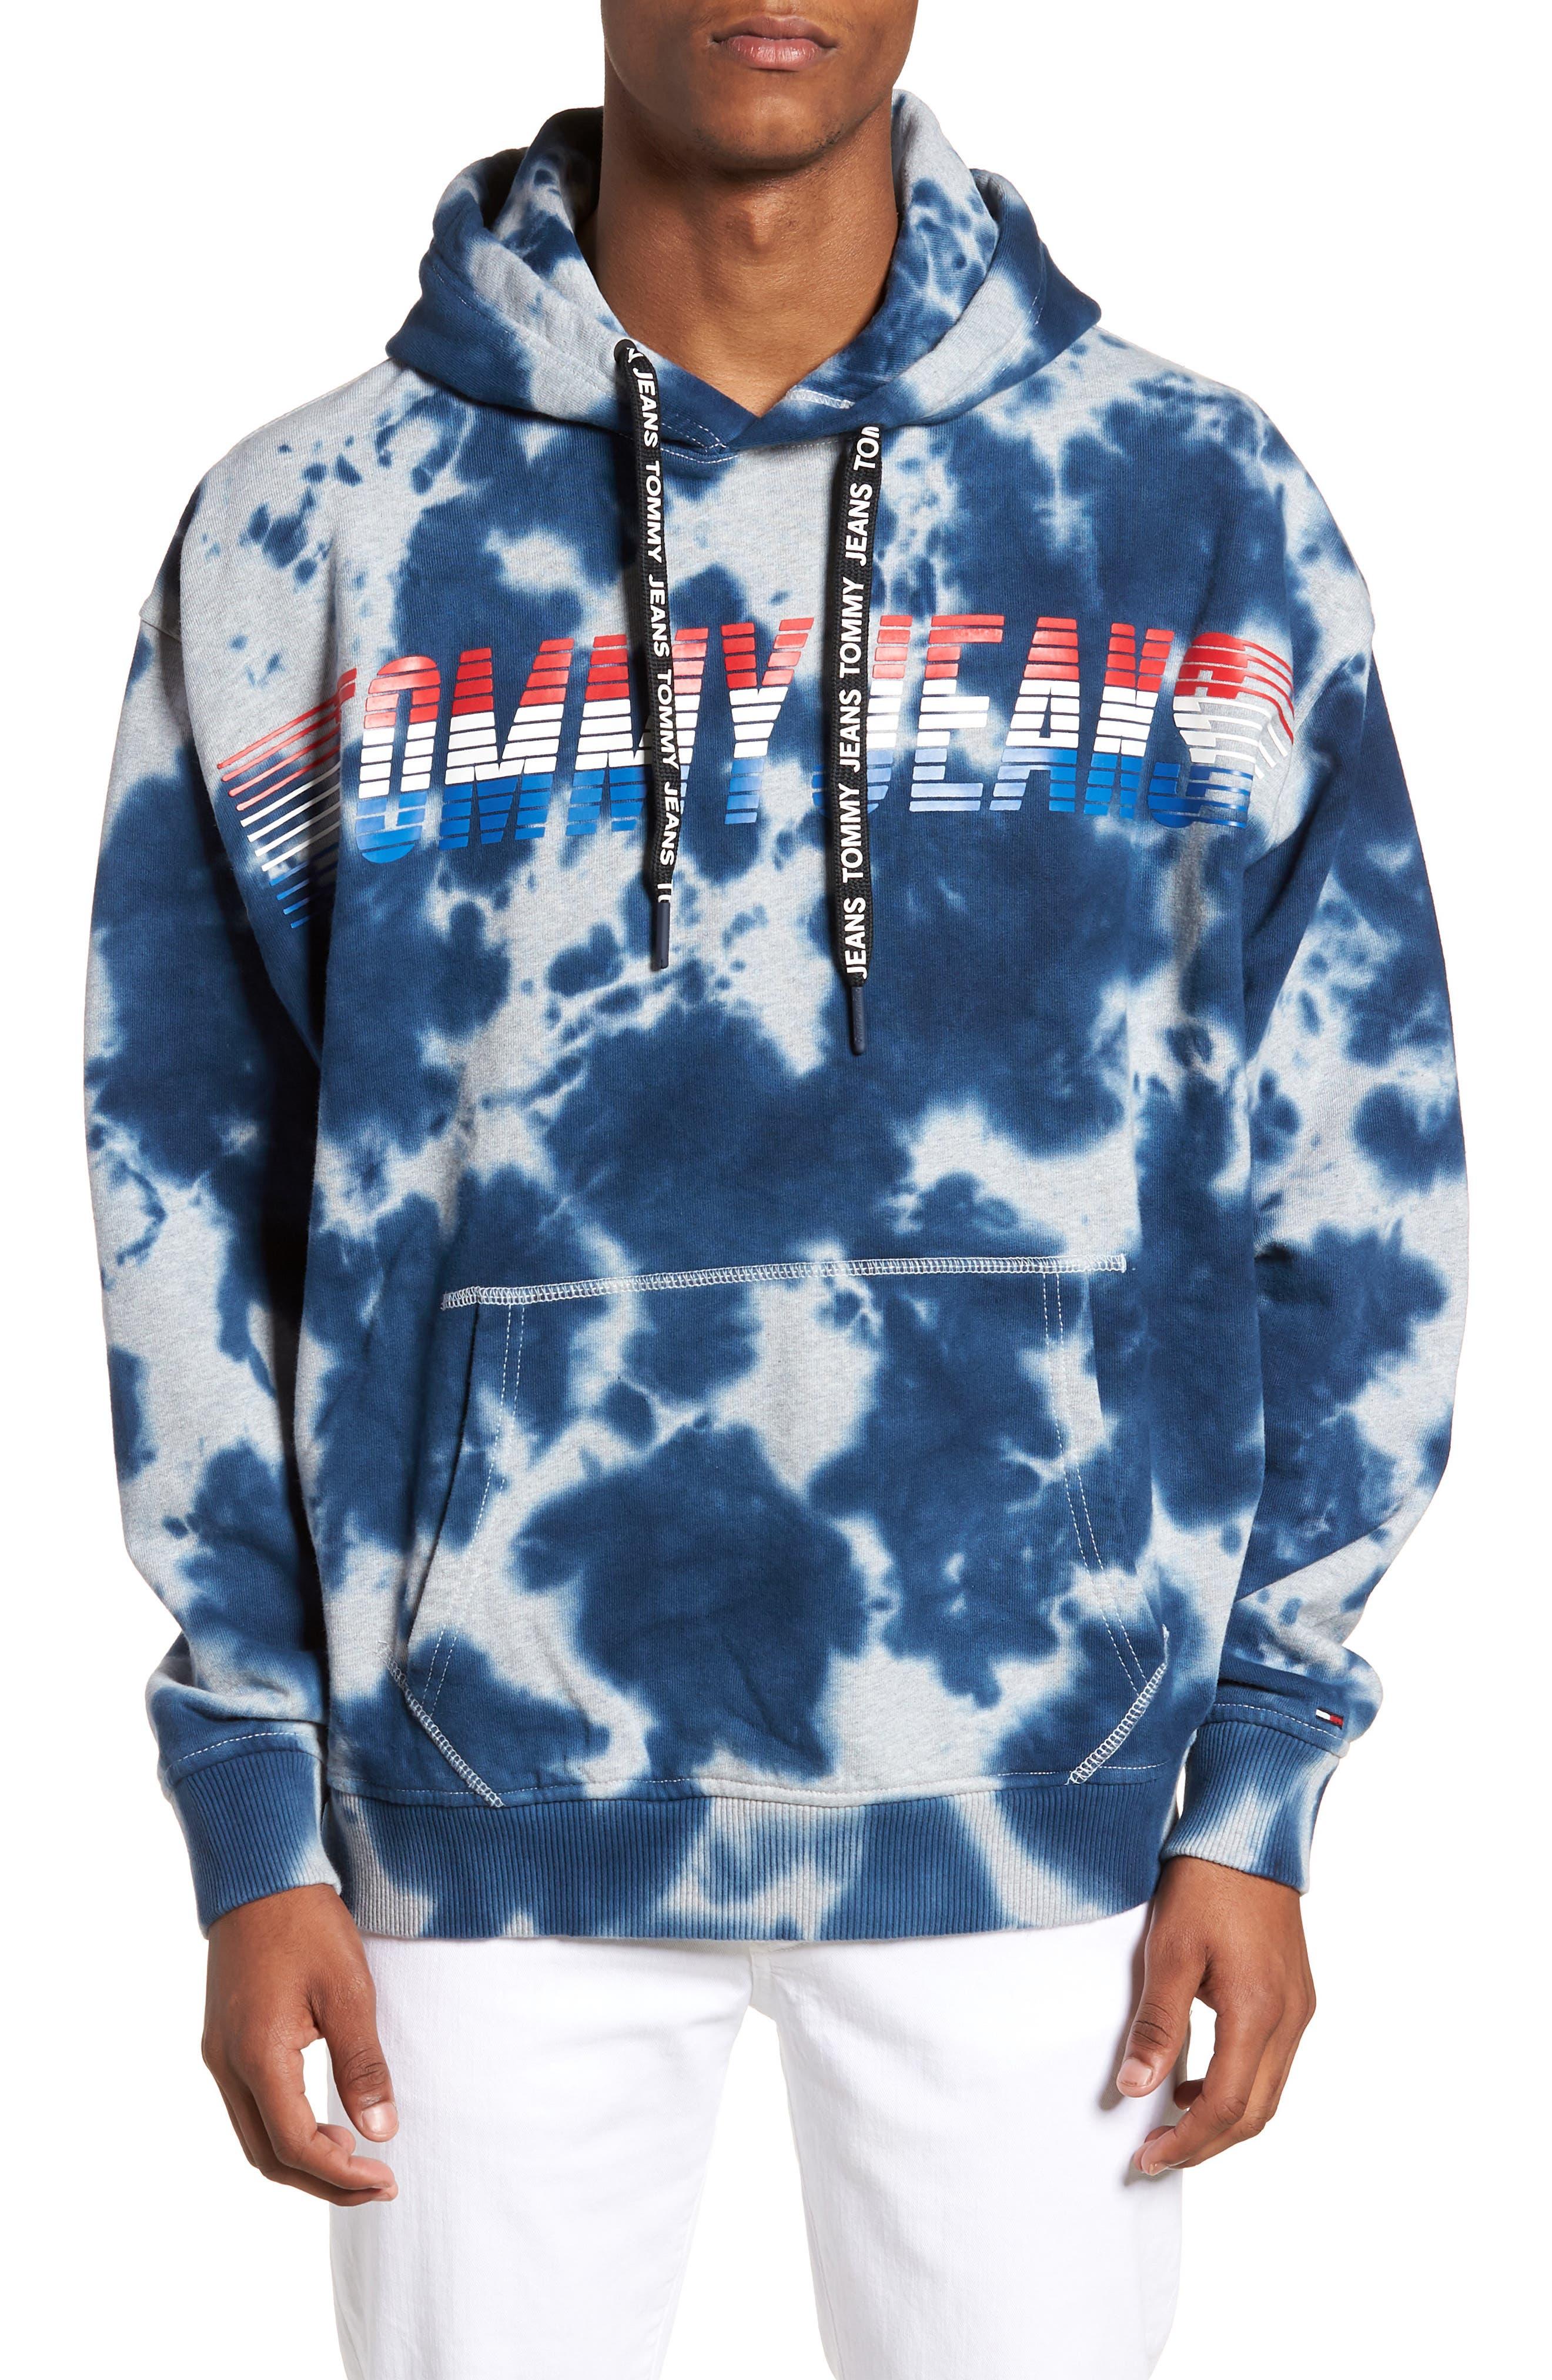 Vintage Dye Hoodie Sweatshirt,                         Main,                         color, Light Grey Heather Tie Dye